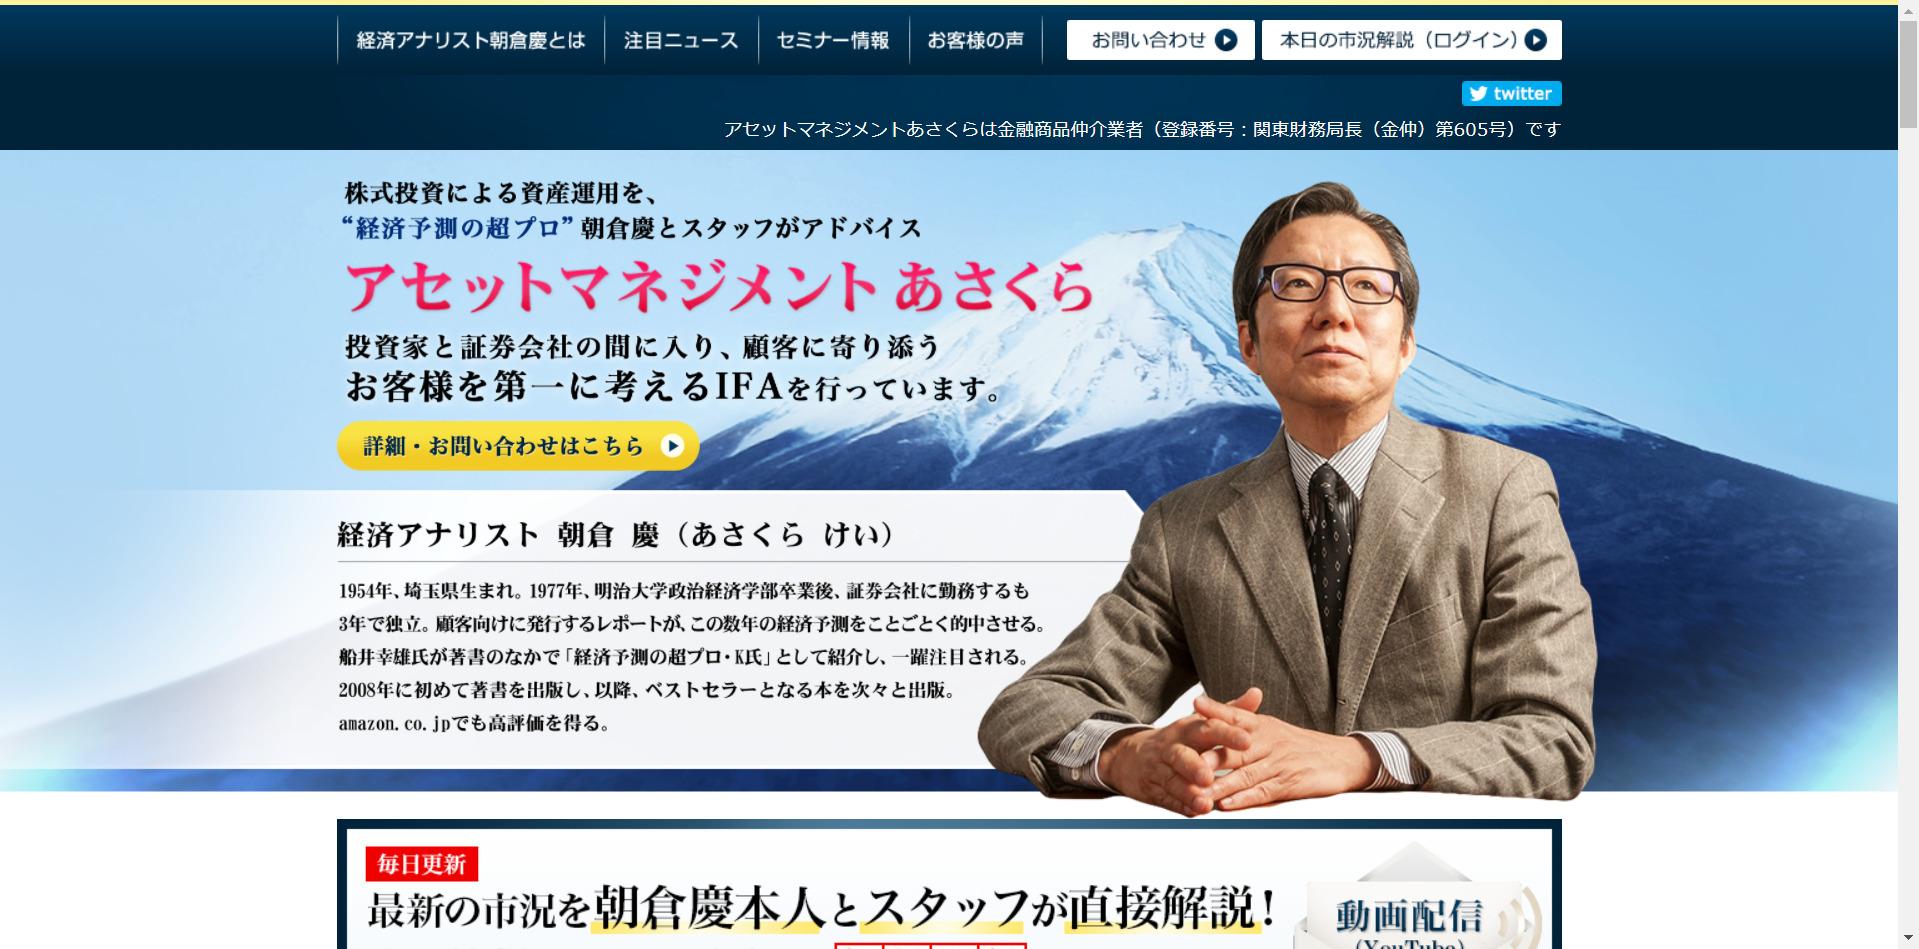 評判の悪い朝倉慶の株式会社アセットマネジメントあさくら